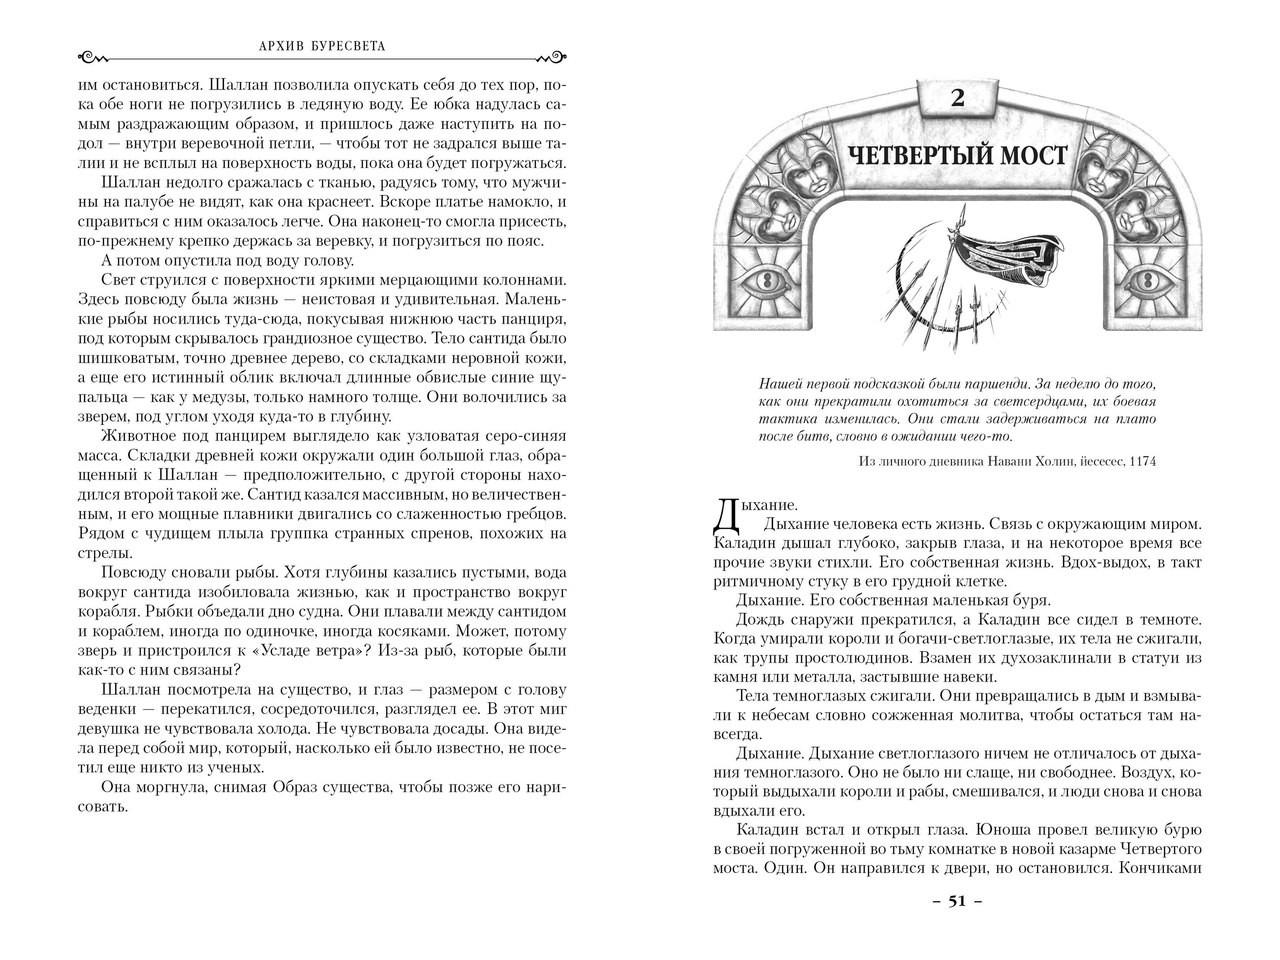 Архив Буресвета Книга 2 Слова сияния